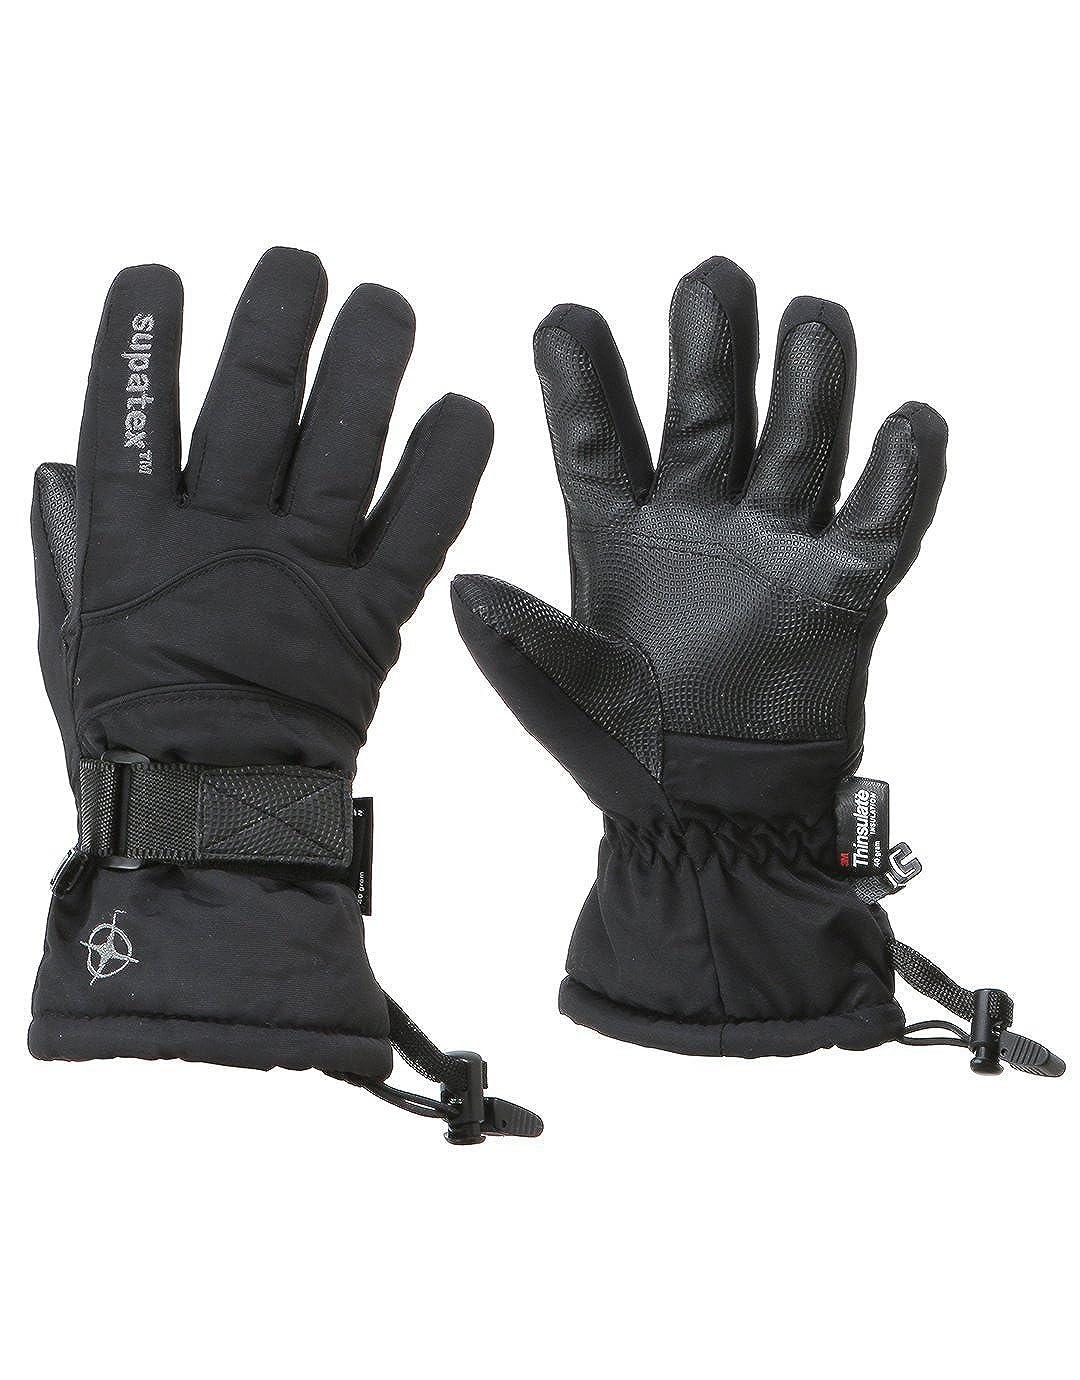 Rocket Manbi Kids Ski Gloves MG300